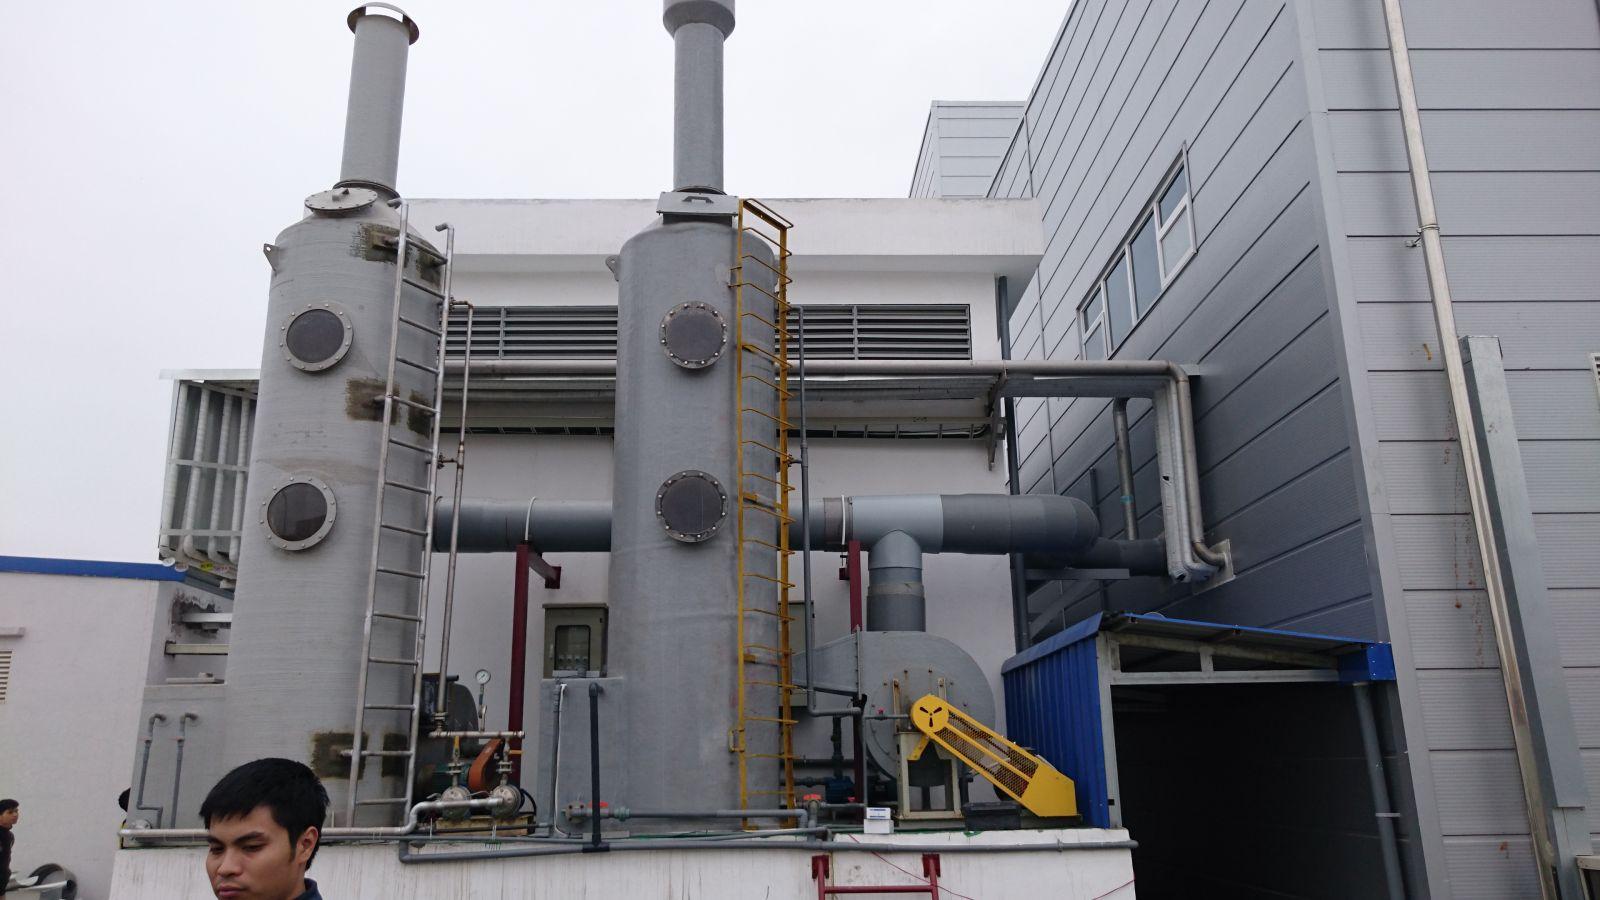 Giải pháp xử lý khí thải chi phí hiệu quả - Wet Scrubber